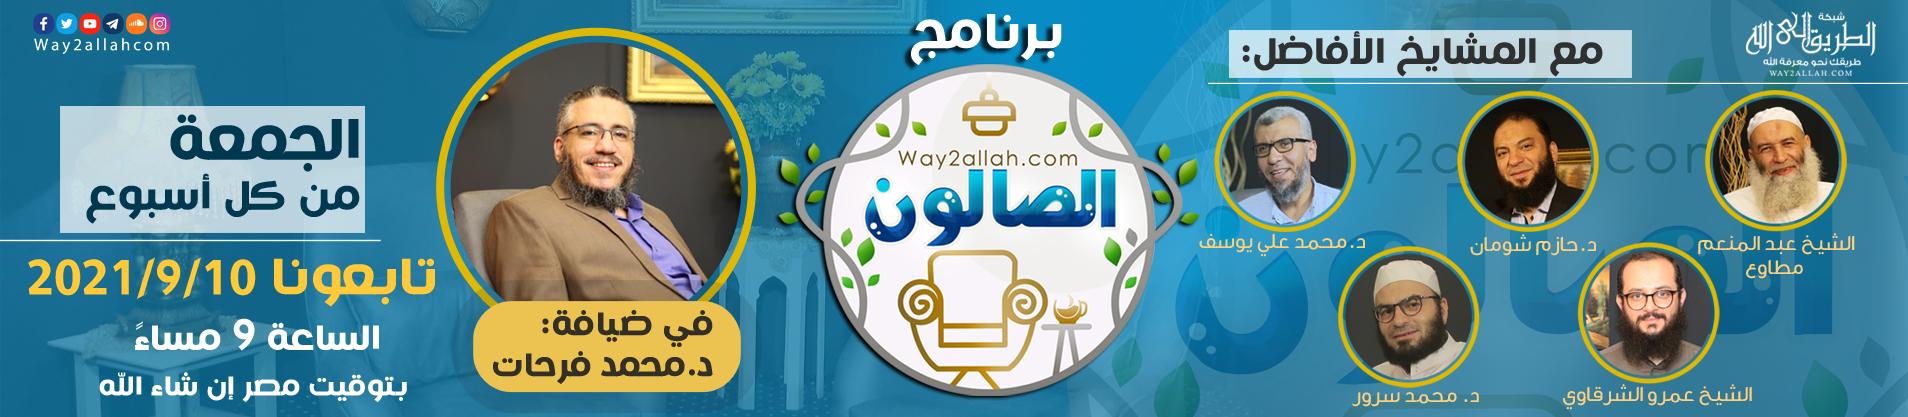 برنامج الصالون | مجموعة من الدعاة والعلماء الأفاضل في ضيافة د.محمد فرحات